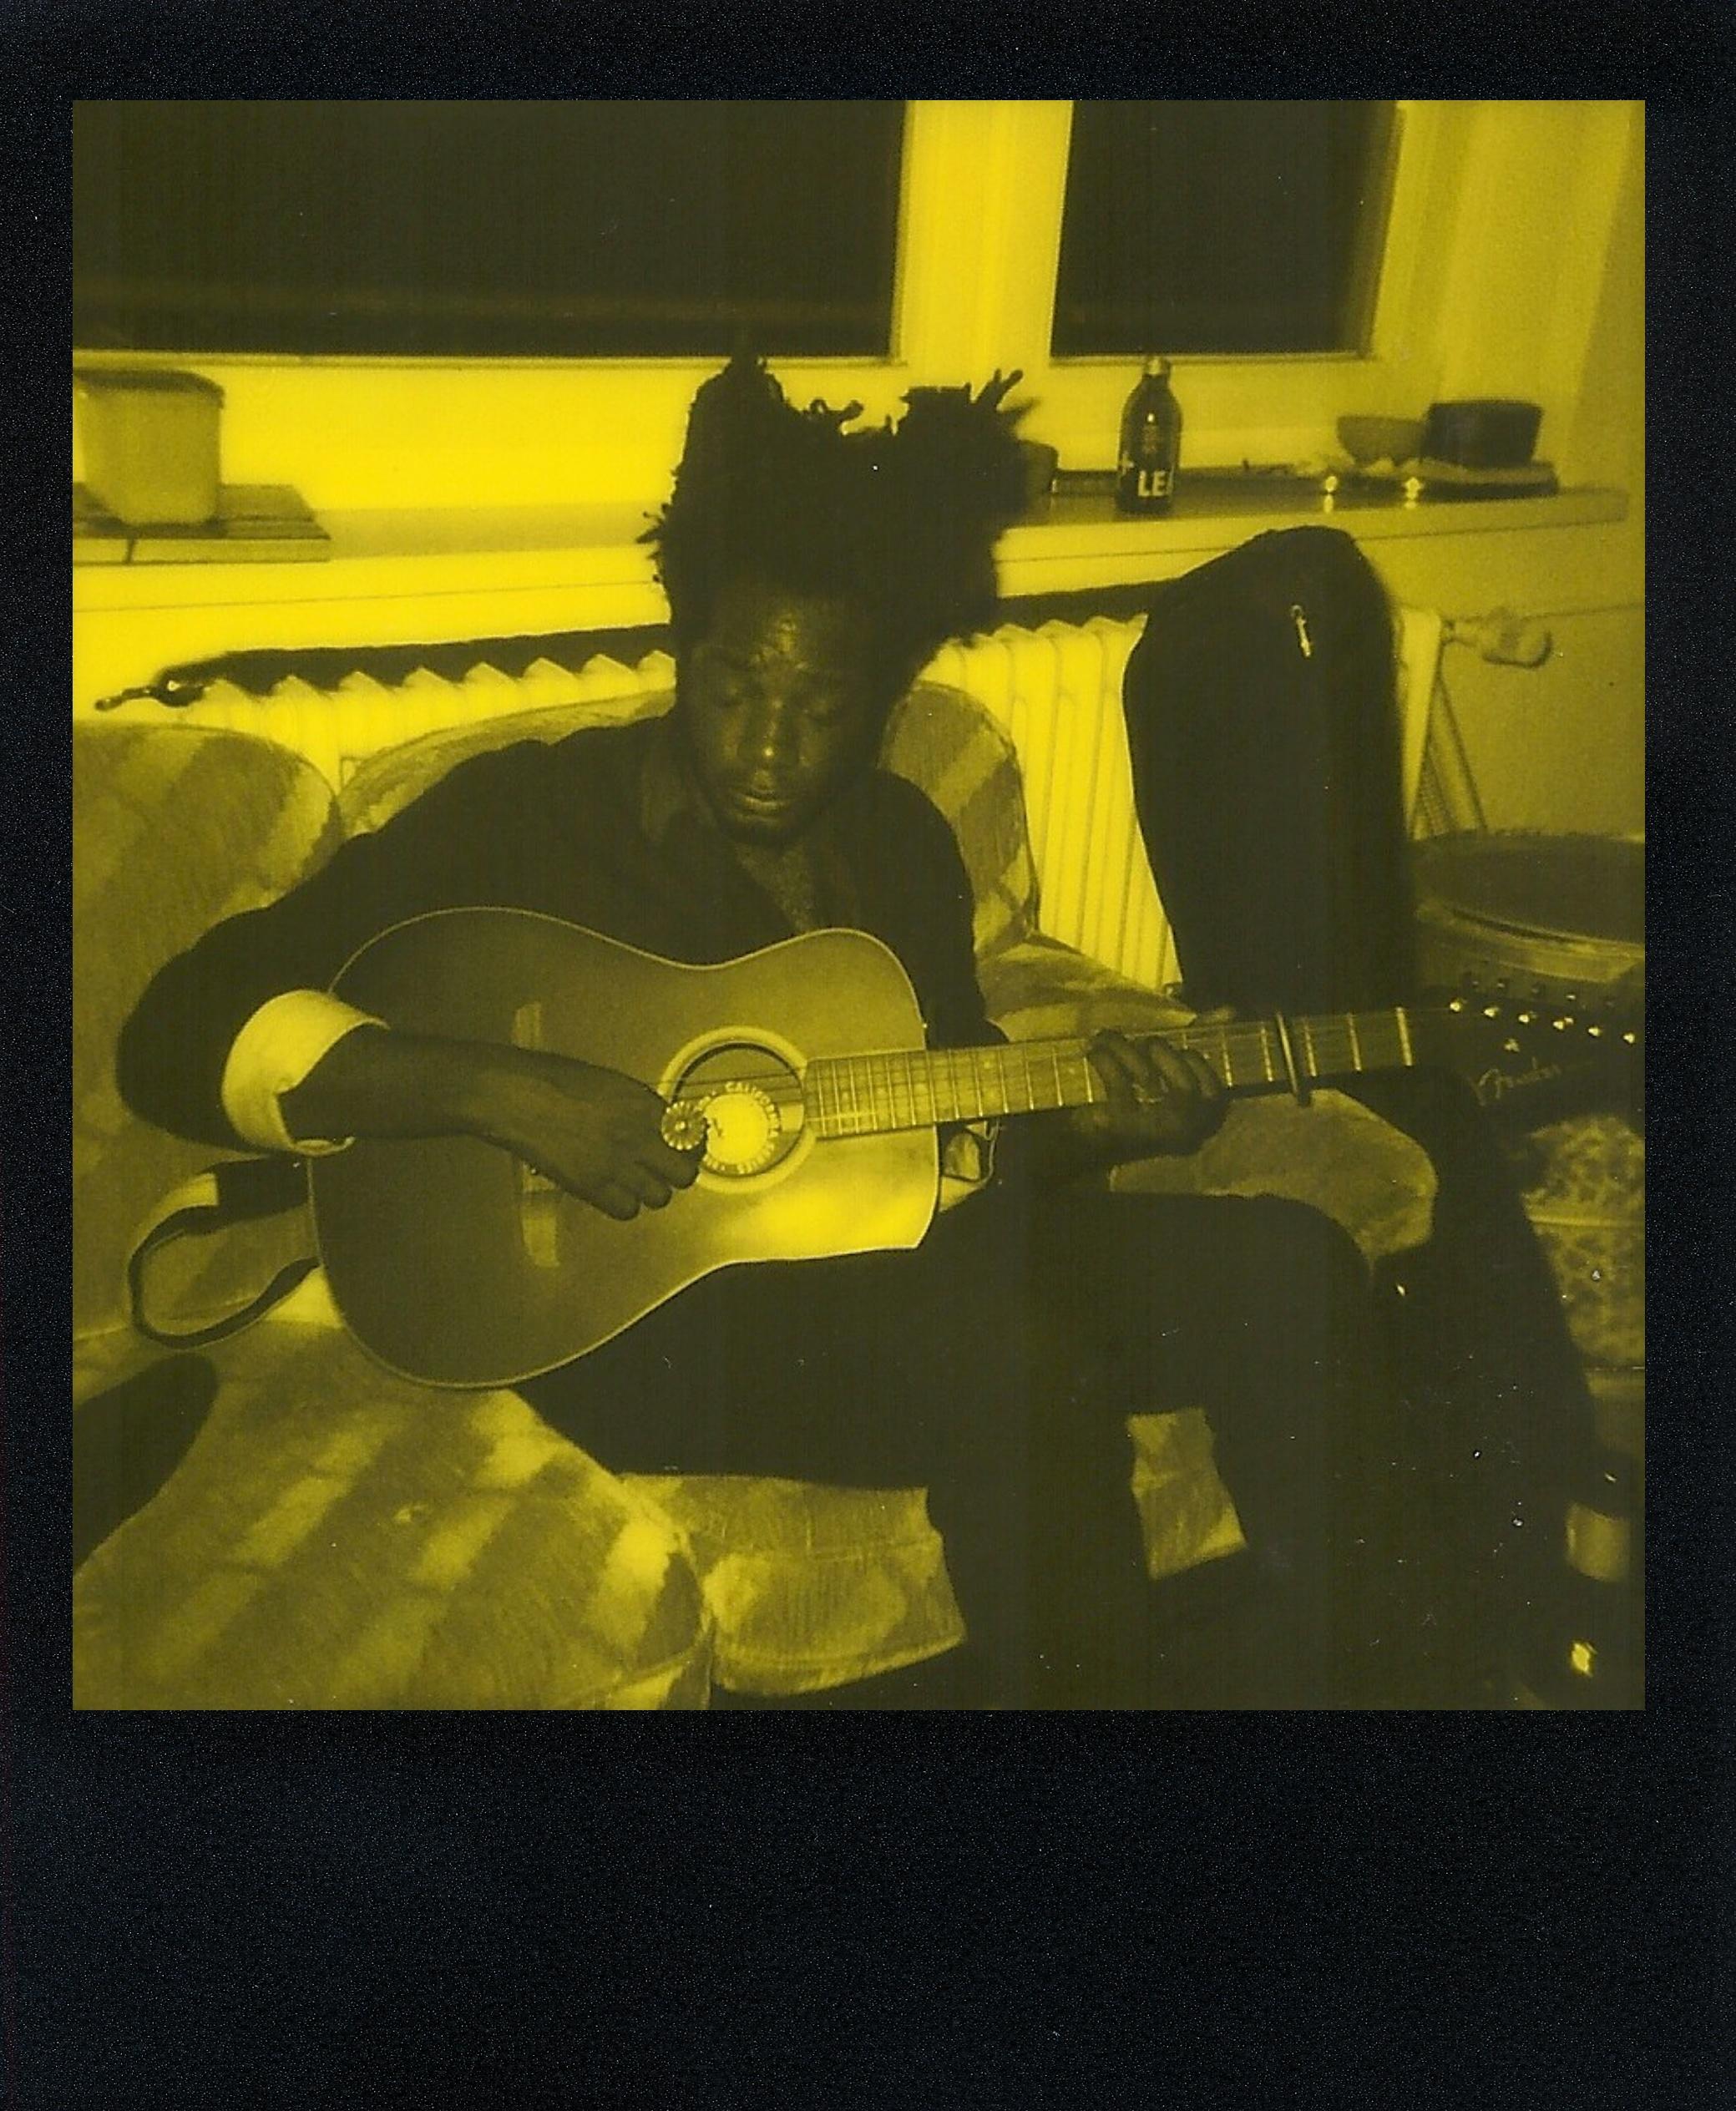 L.A. Salami Guitar